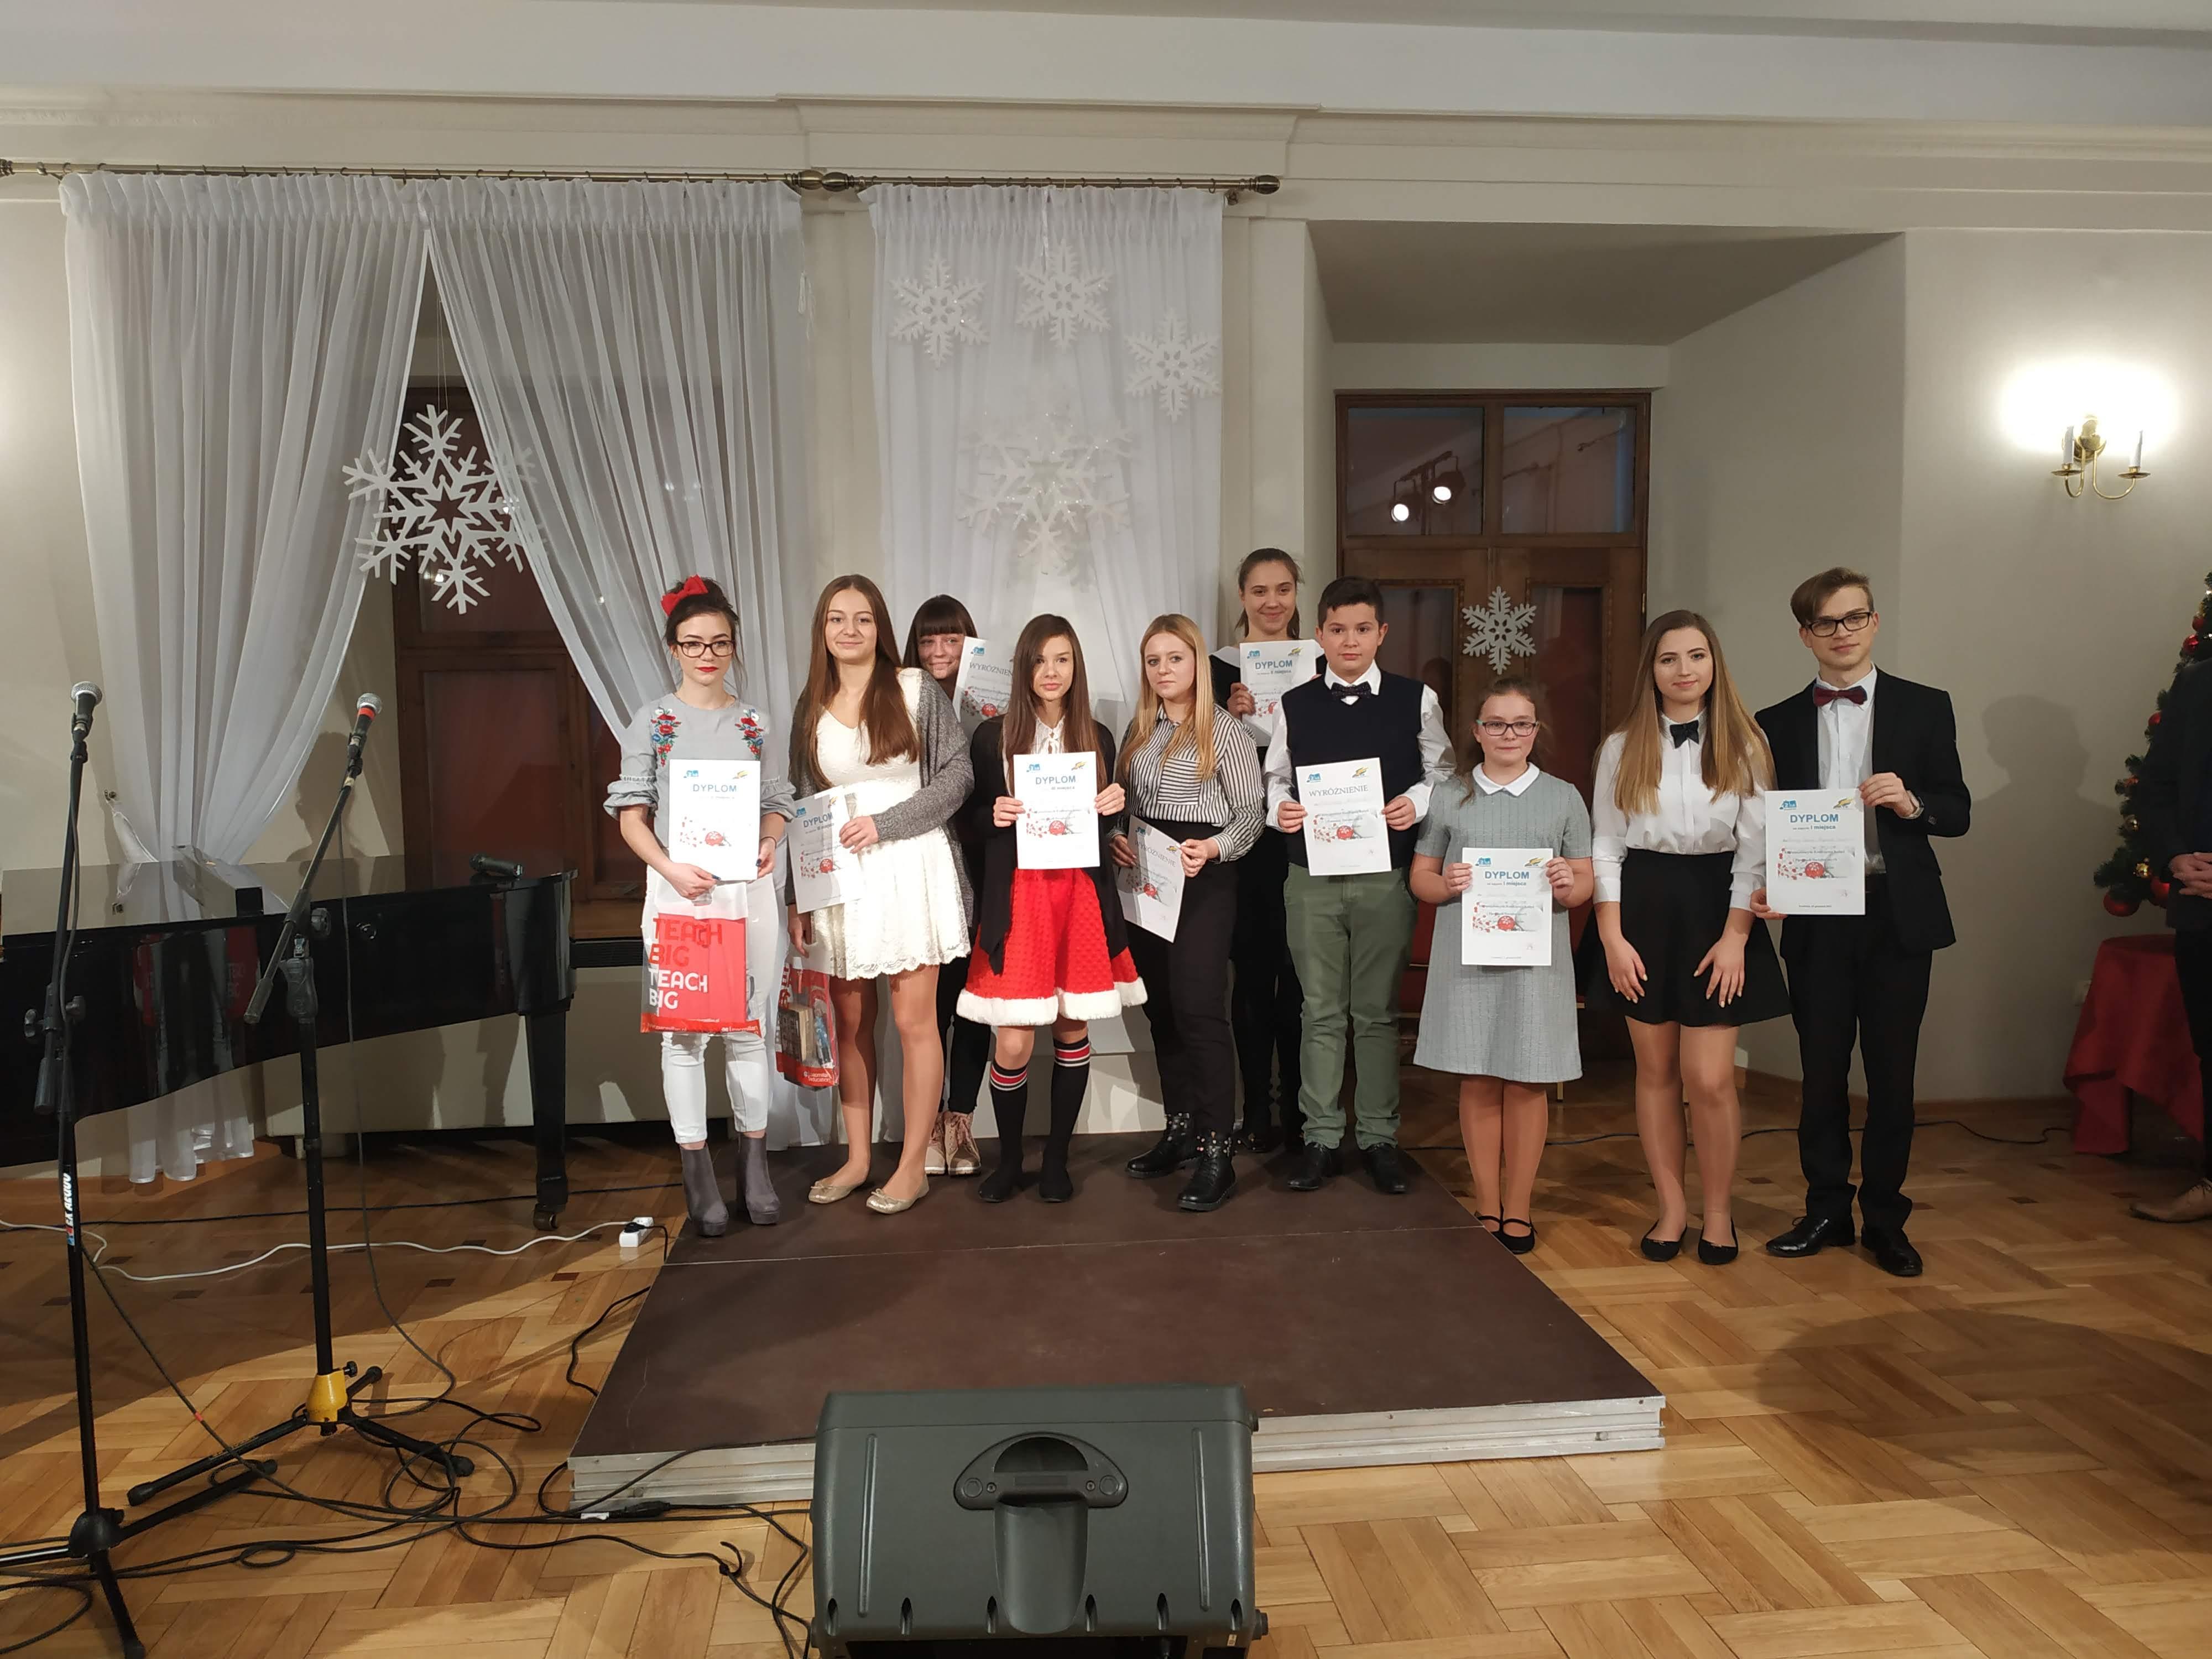 XI Powiatowego Konkursu Kolęd i Piosenek Świątecznych  w Języku Angielskim